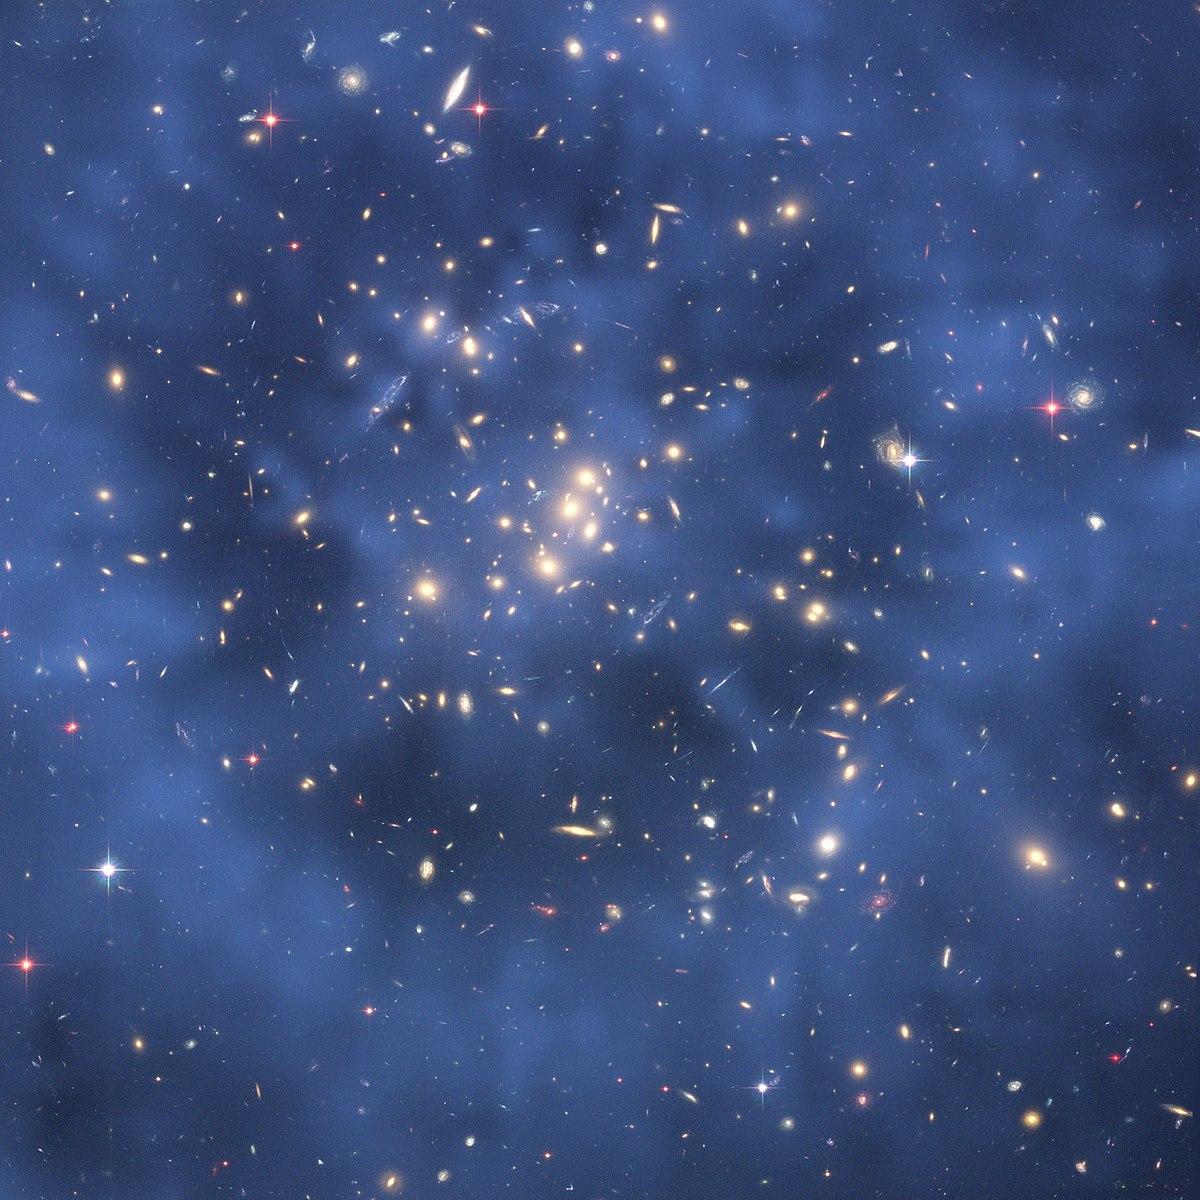 Resultado de imagen de Una imagen compuesta del cluster galactico CL0024+17 tomada por el telescopio espacial Hubble muestra la creacion de un efecto de lente gravitacional producto de la interación gravitatoria de la materia oscura.